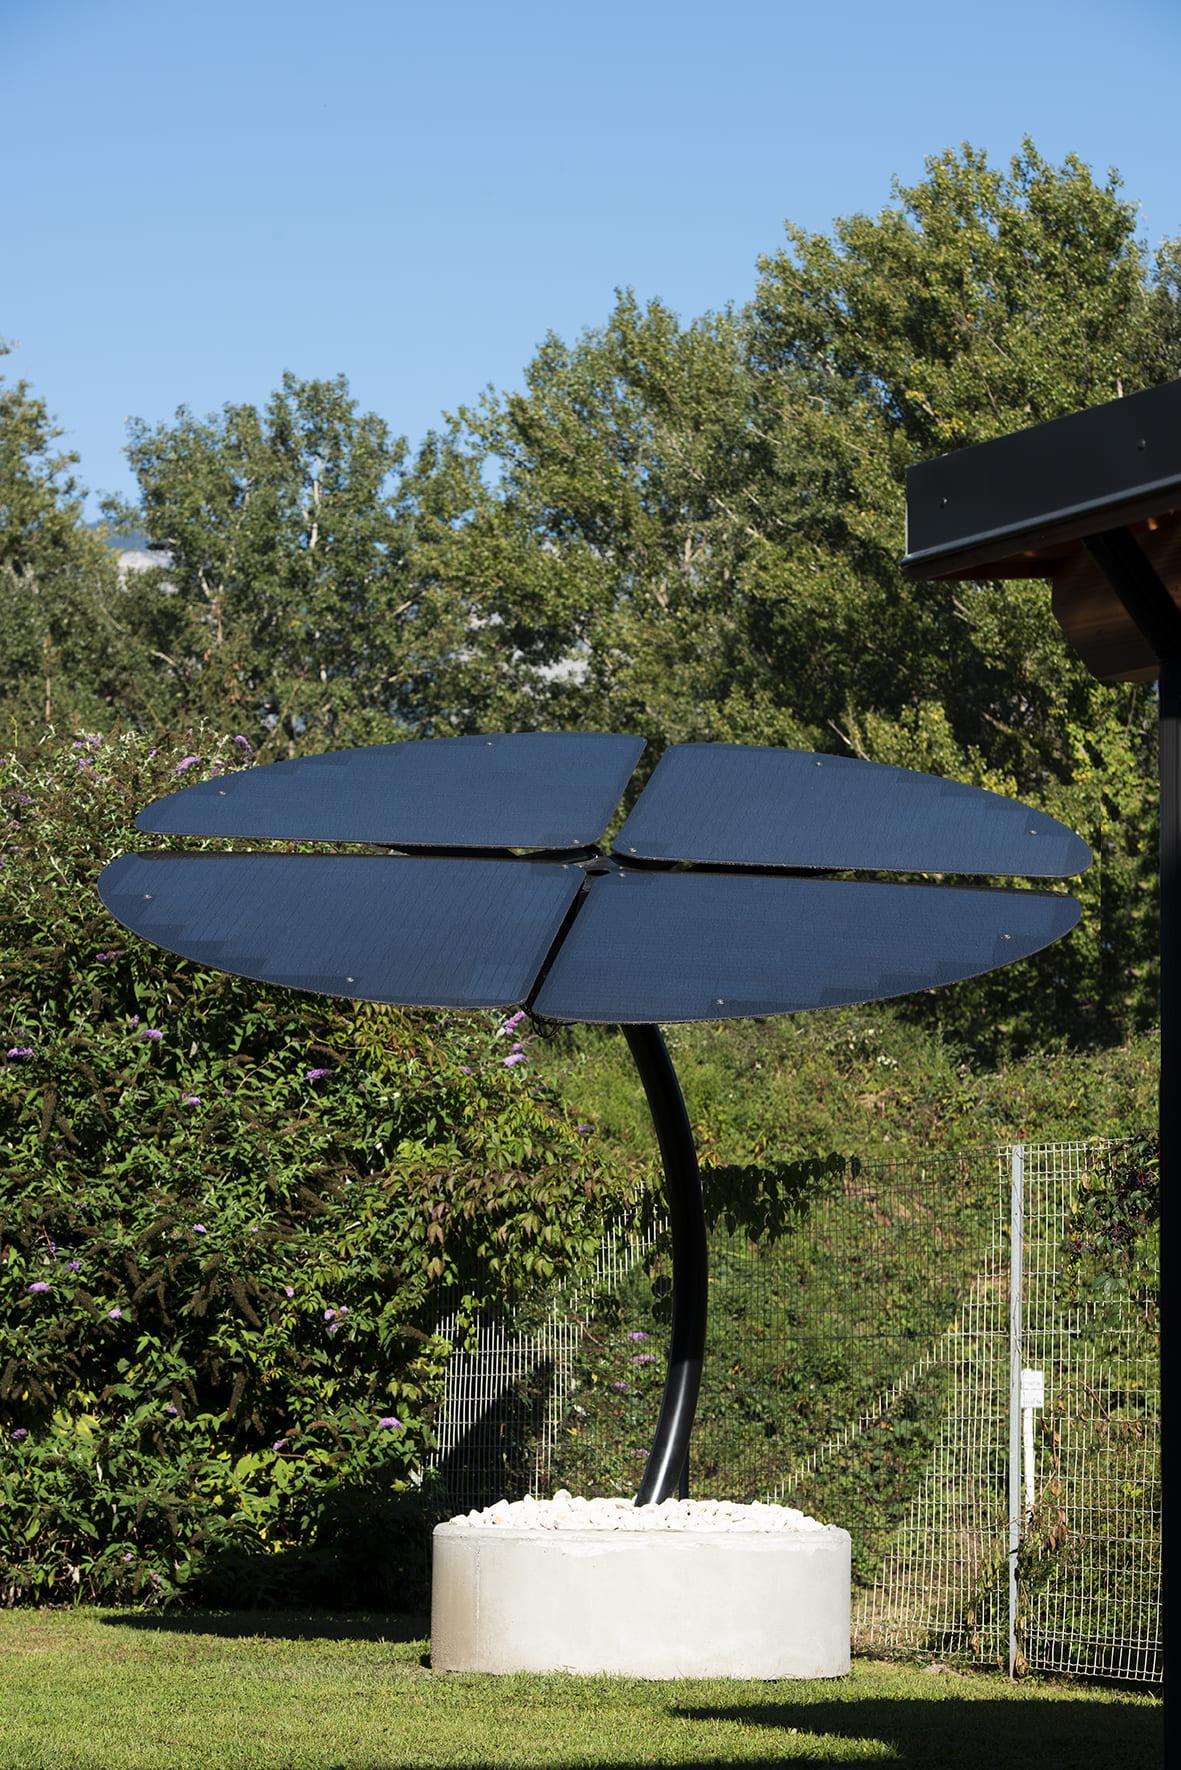 domosolaris panneaux solaires